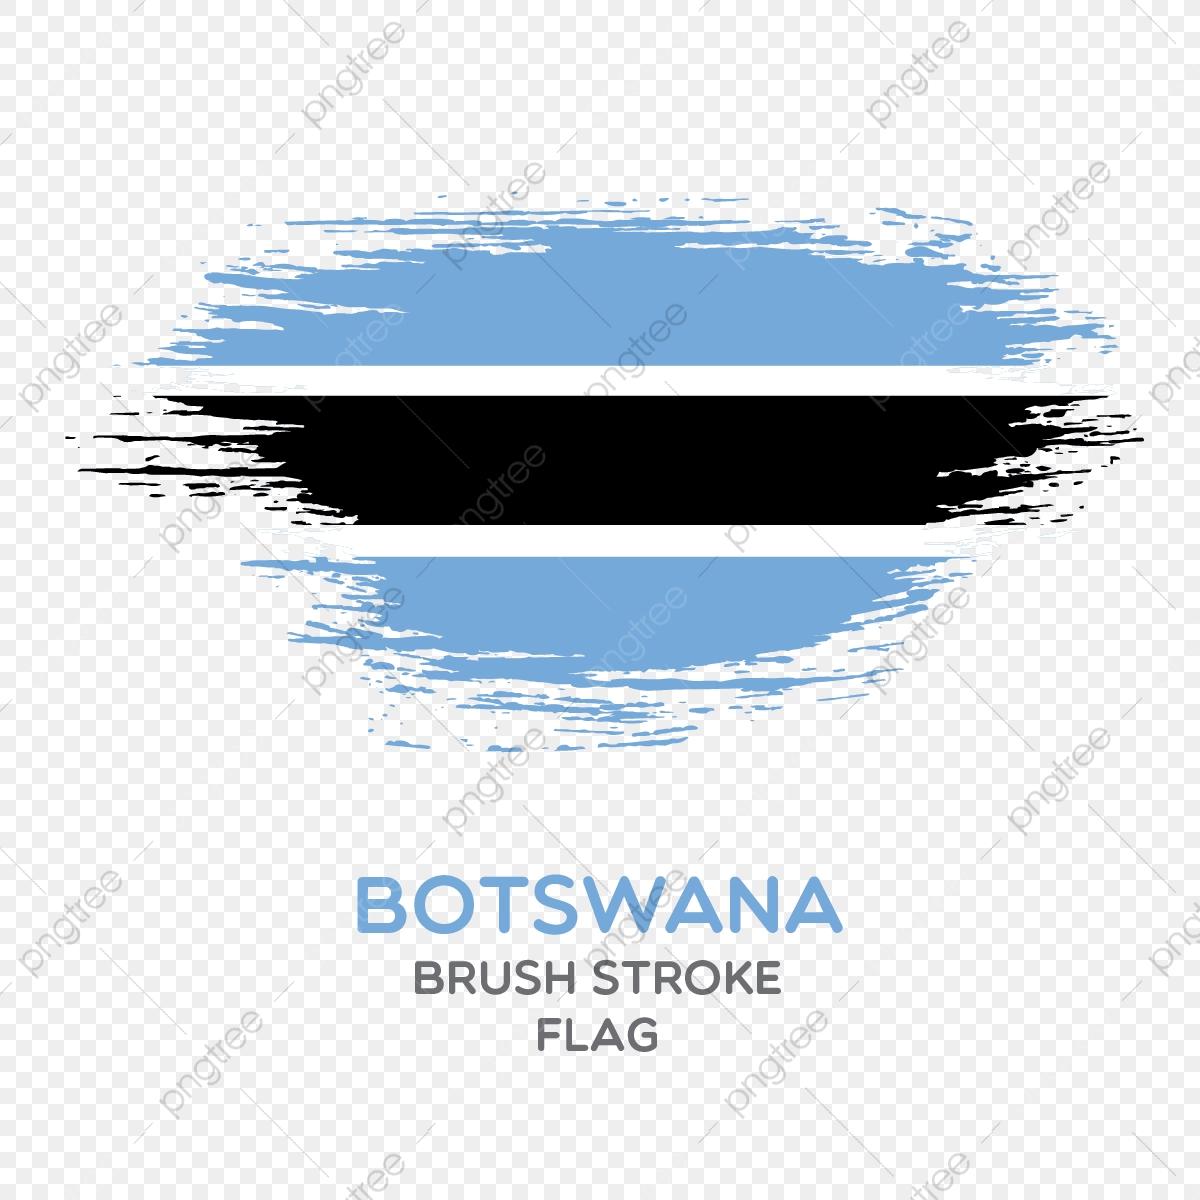 Botswana Brush Stroke Flag, Brush Stroke Flags, Country Flag.